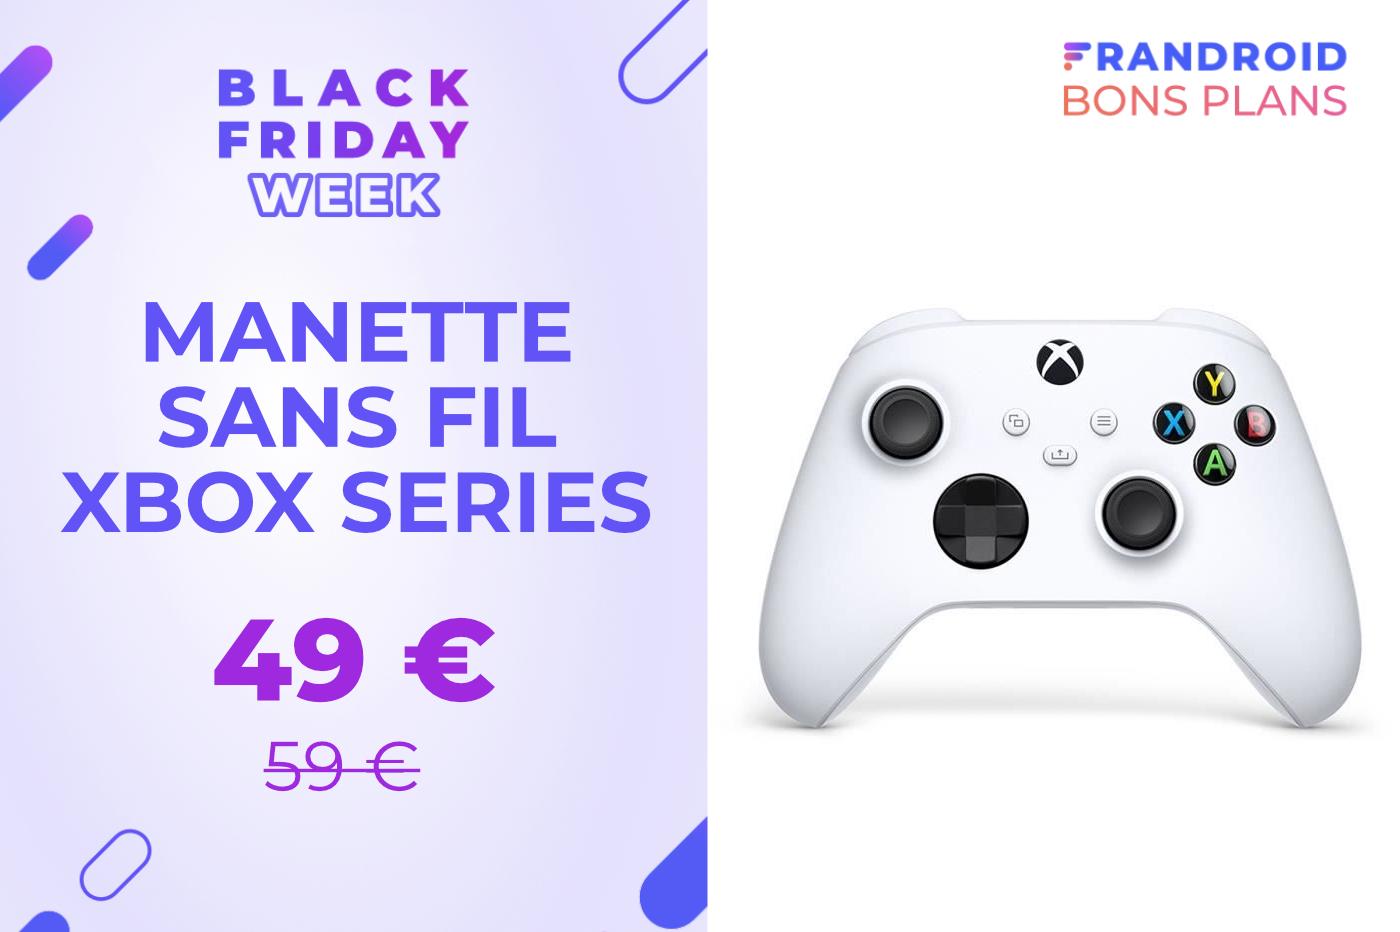 Xbox Series X|S : la manette sans fil est 10 € moins cher pour le Black Friday